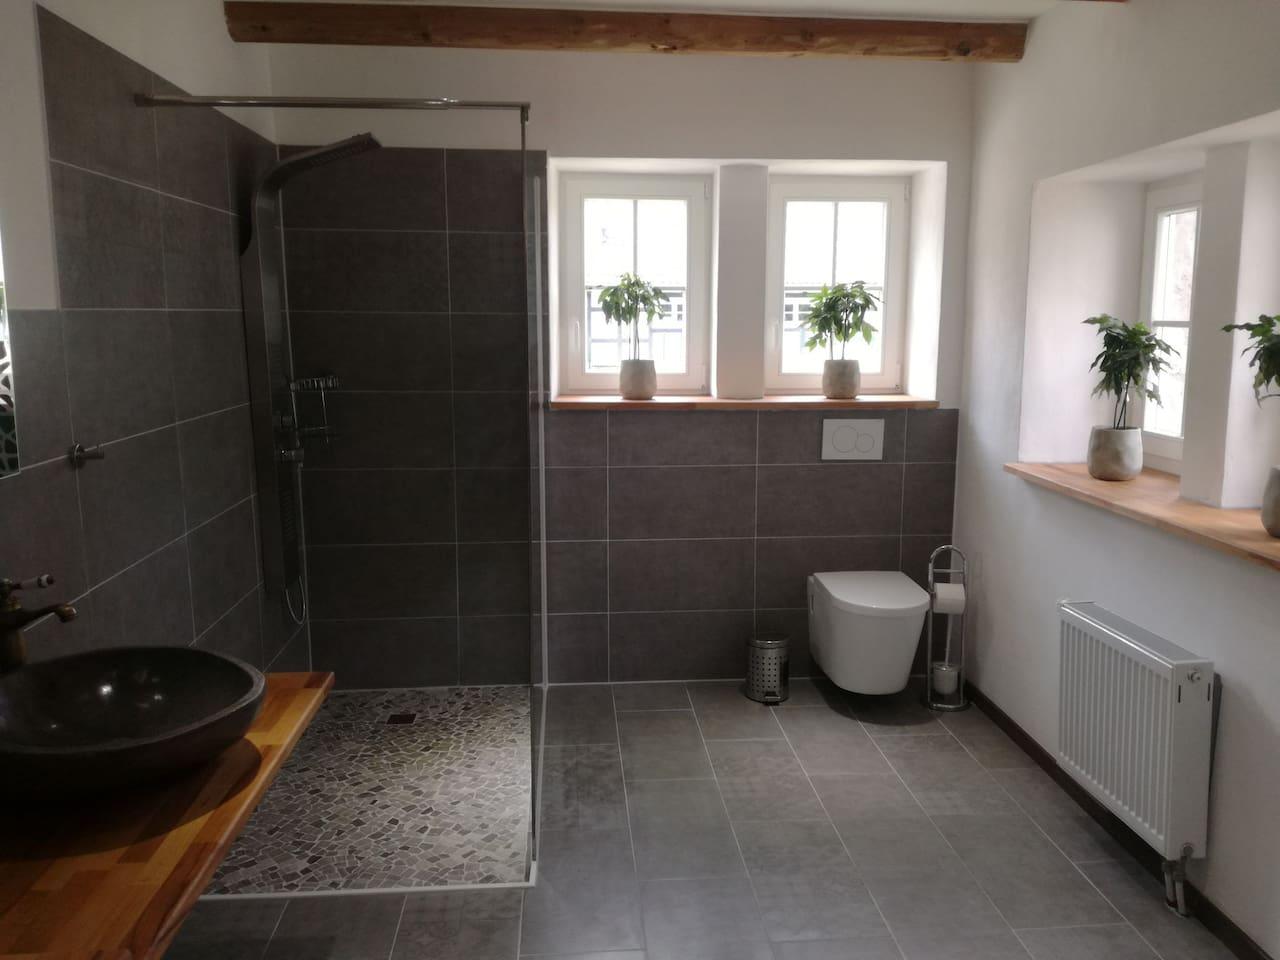 modern eingerichtetes Badezimmer mit ebenerdiger Dusche und viel Tageslicht